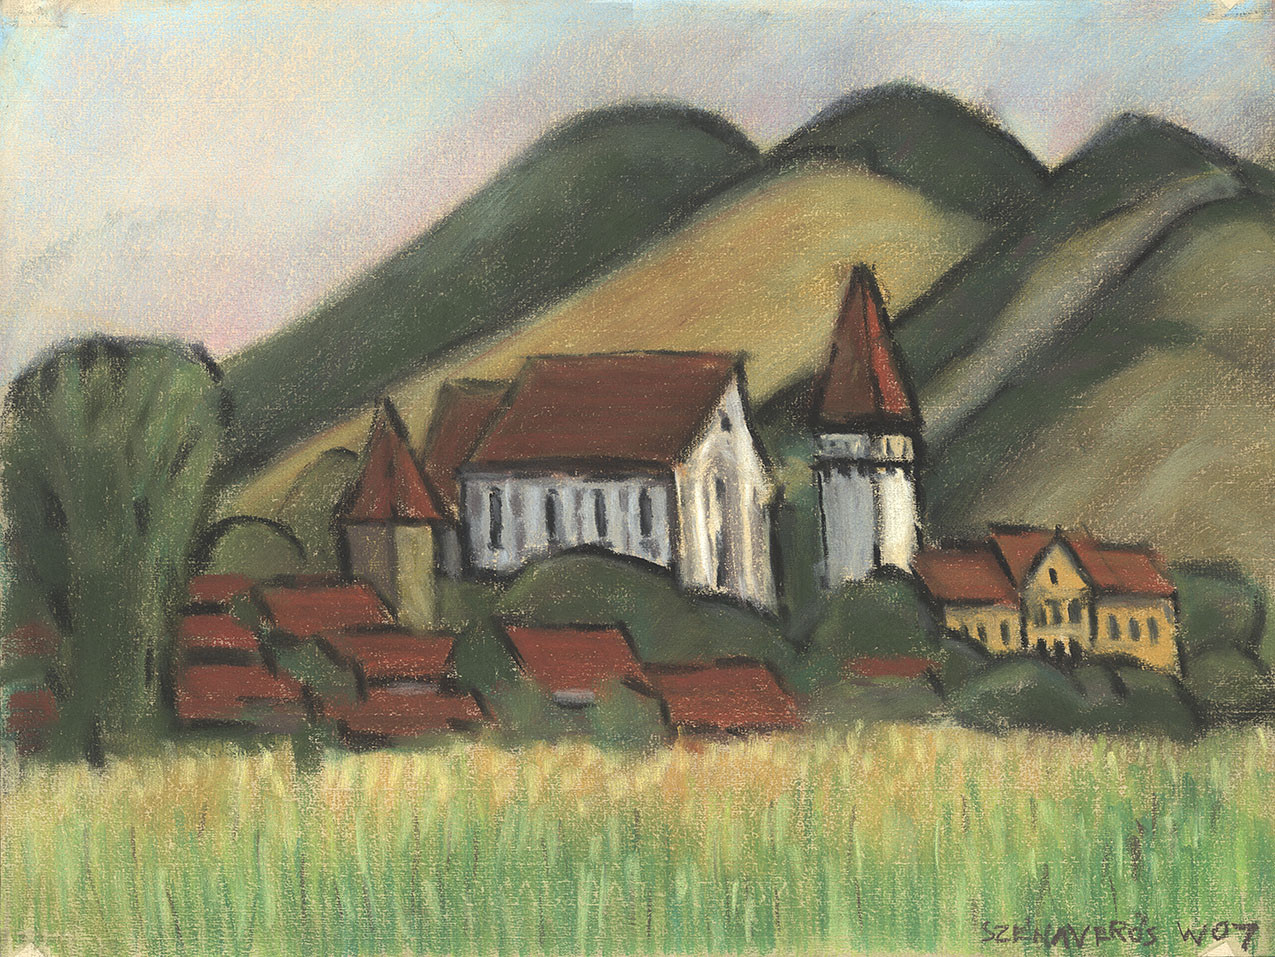 Szénaverős-Zendersch-Senereuș